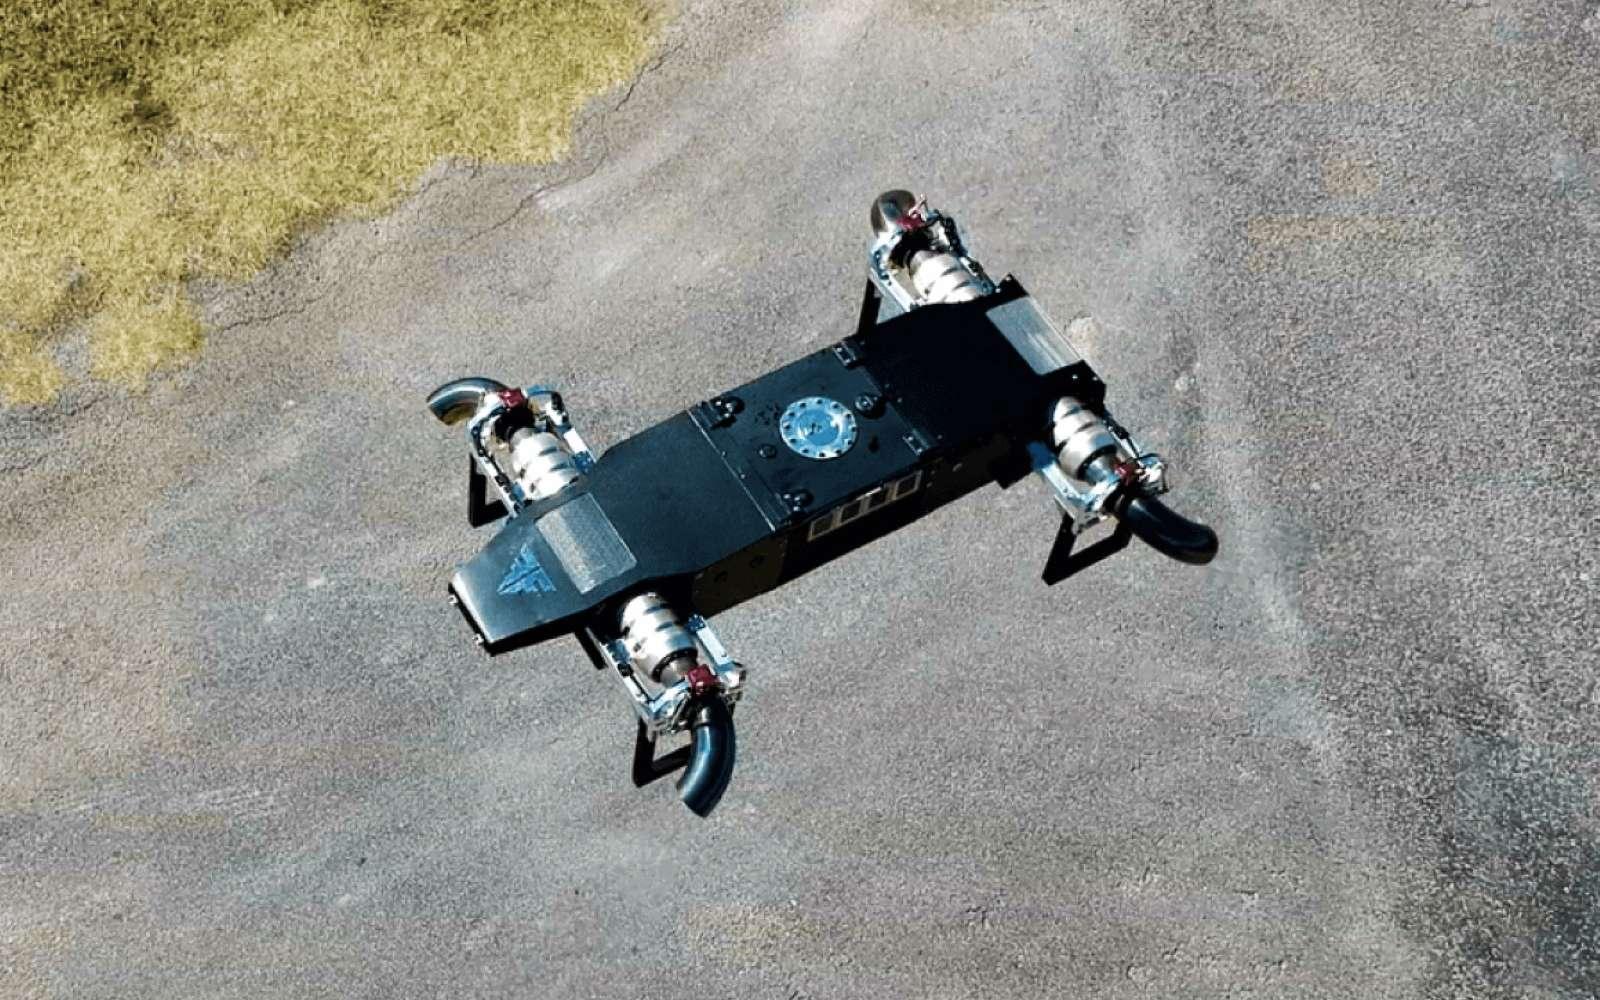 Avec le drone à réaction JetQuad AB5 les avantages sont certains pour les militaires ou les secours. Le drone peut arriver très vite sur site. Le carburant délivre 40 fois plus d'énergie qu'une batterie au lithium et le plein ne prend que quelques minutes au lieu des heures nécessaires pour recharger un drone électrique. © FusionFlight